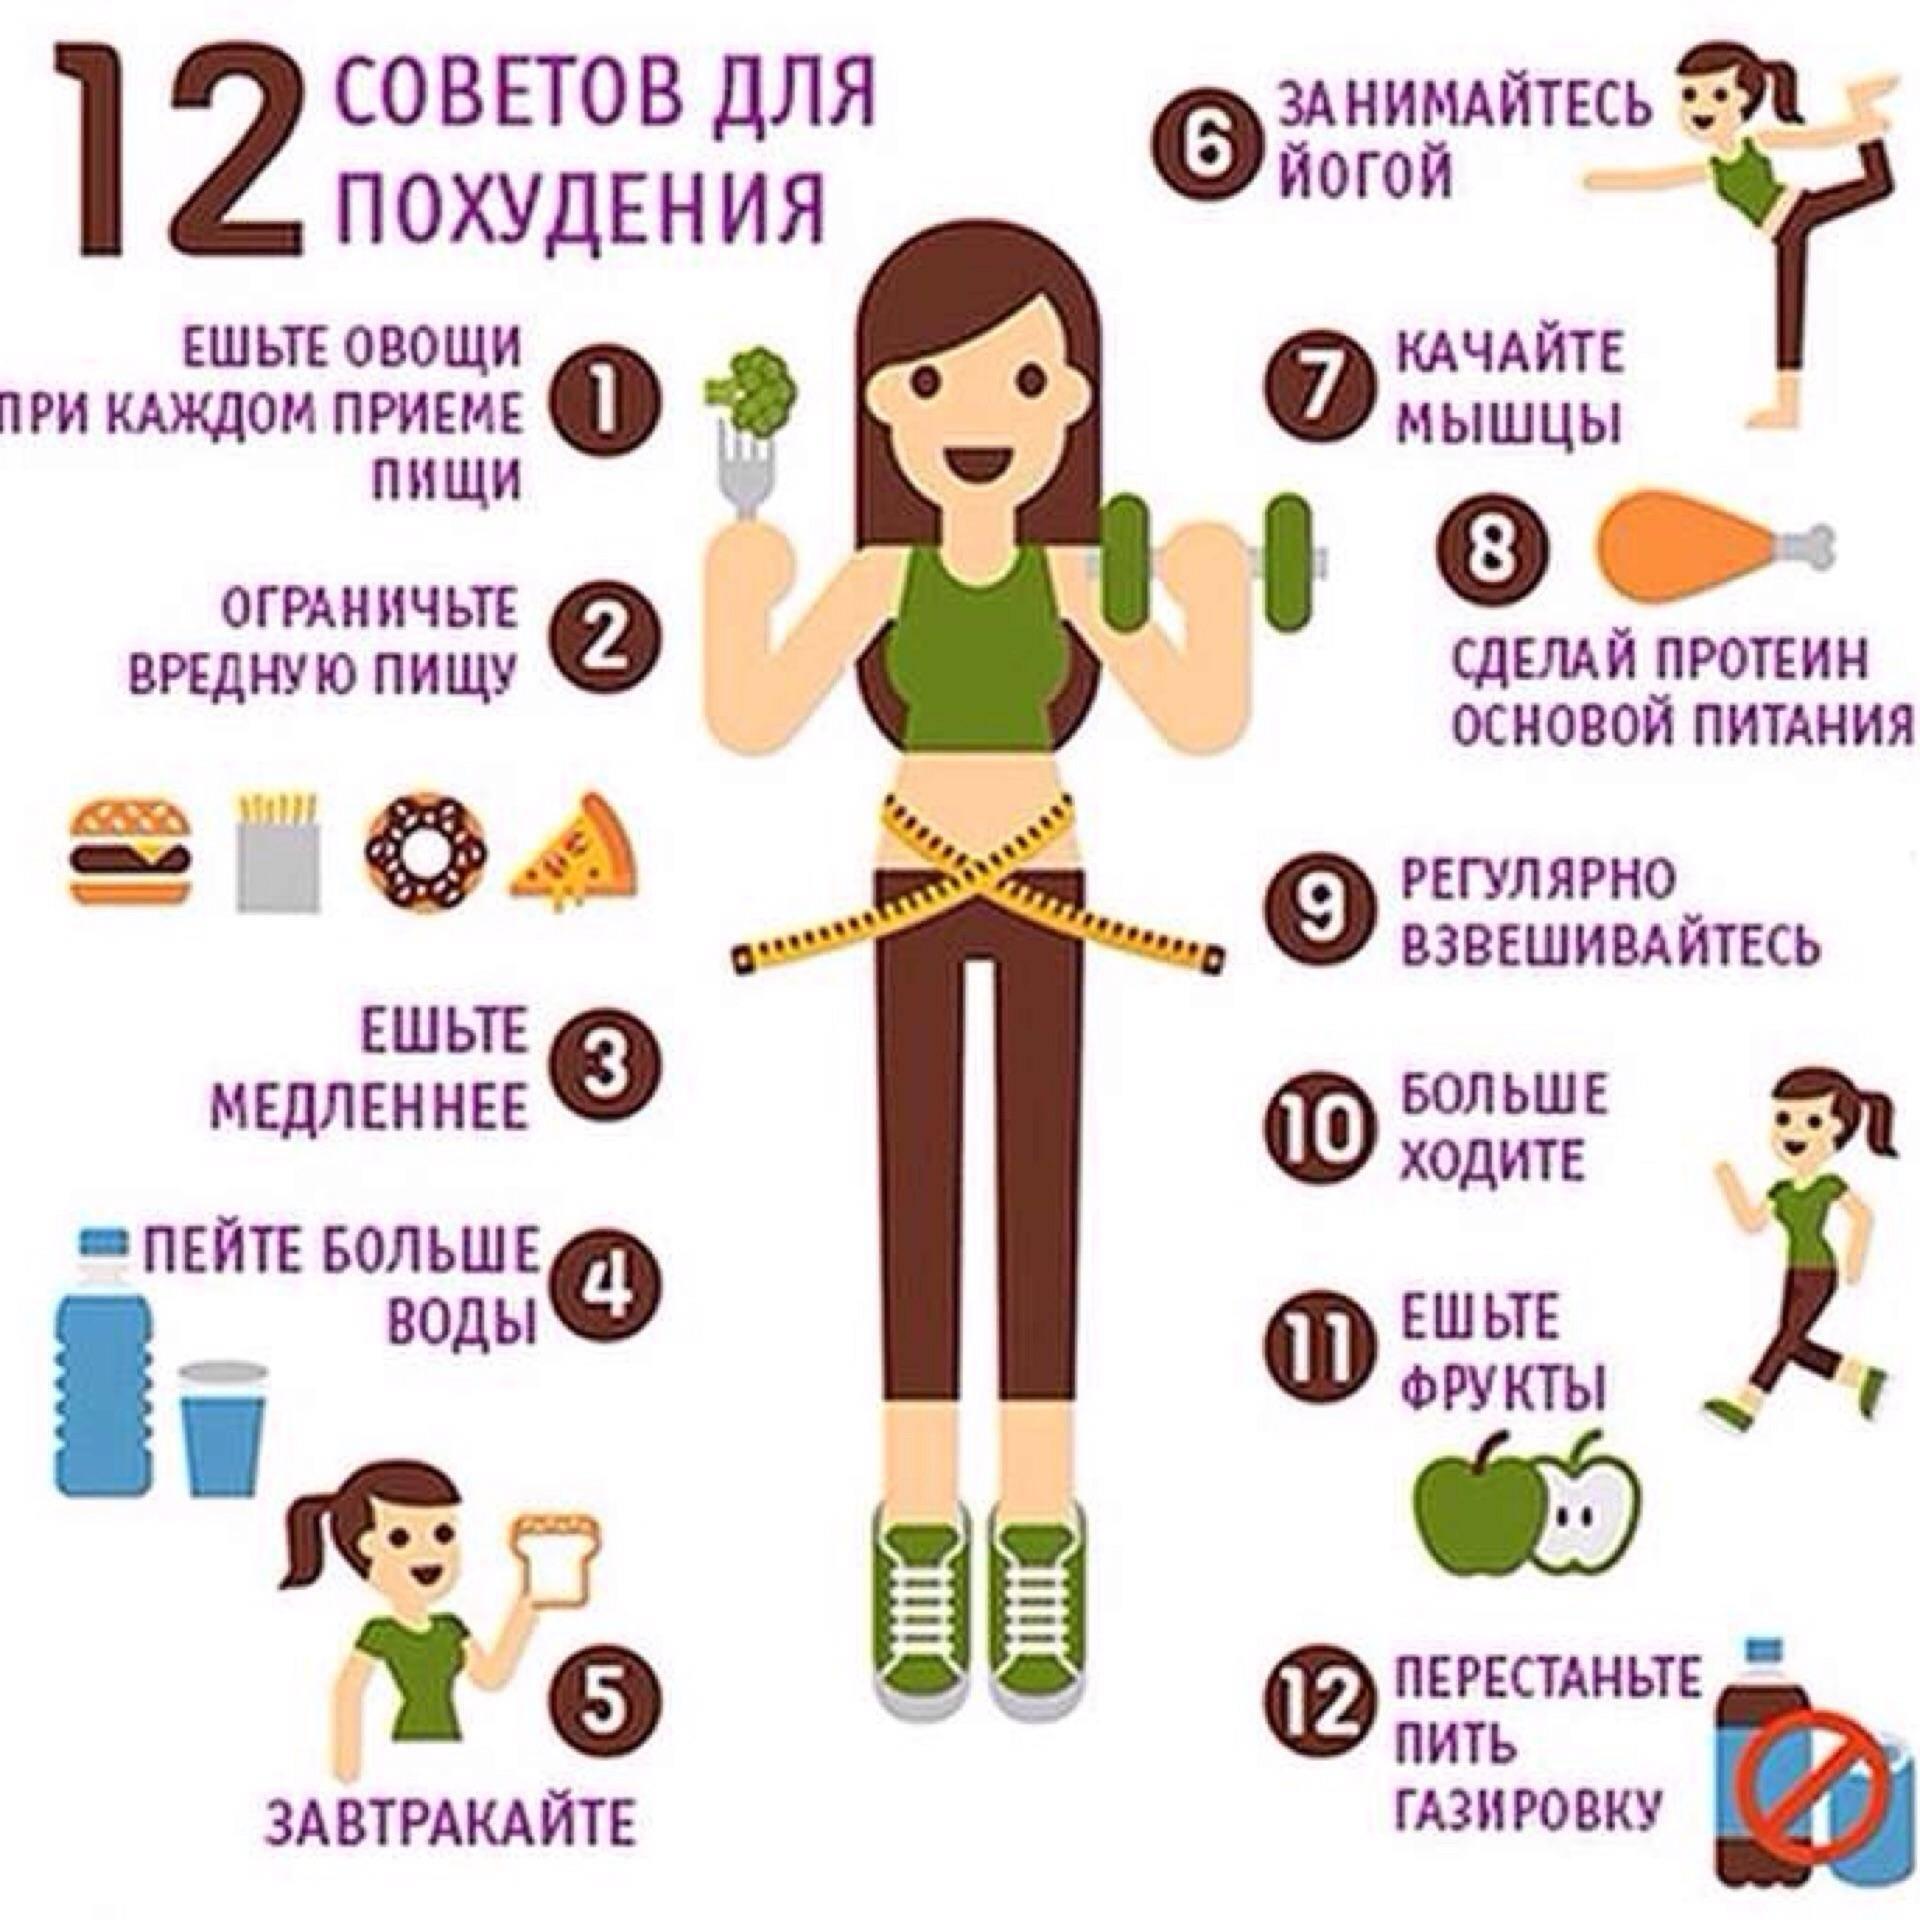 Как похудеть за месяц до лета. экспресс методы. фитнес и питание. меню. видео